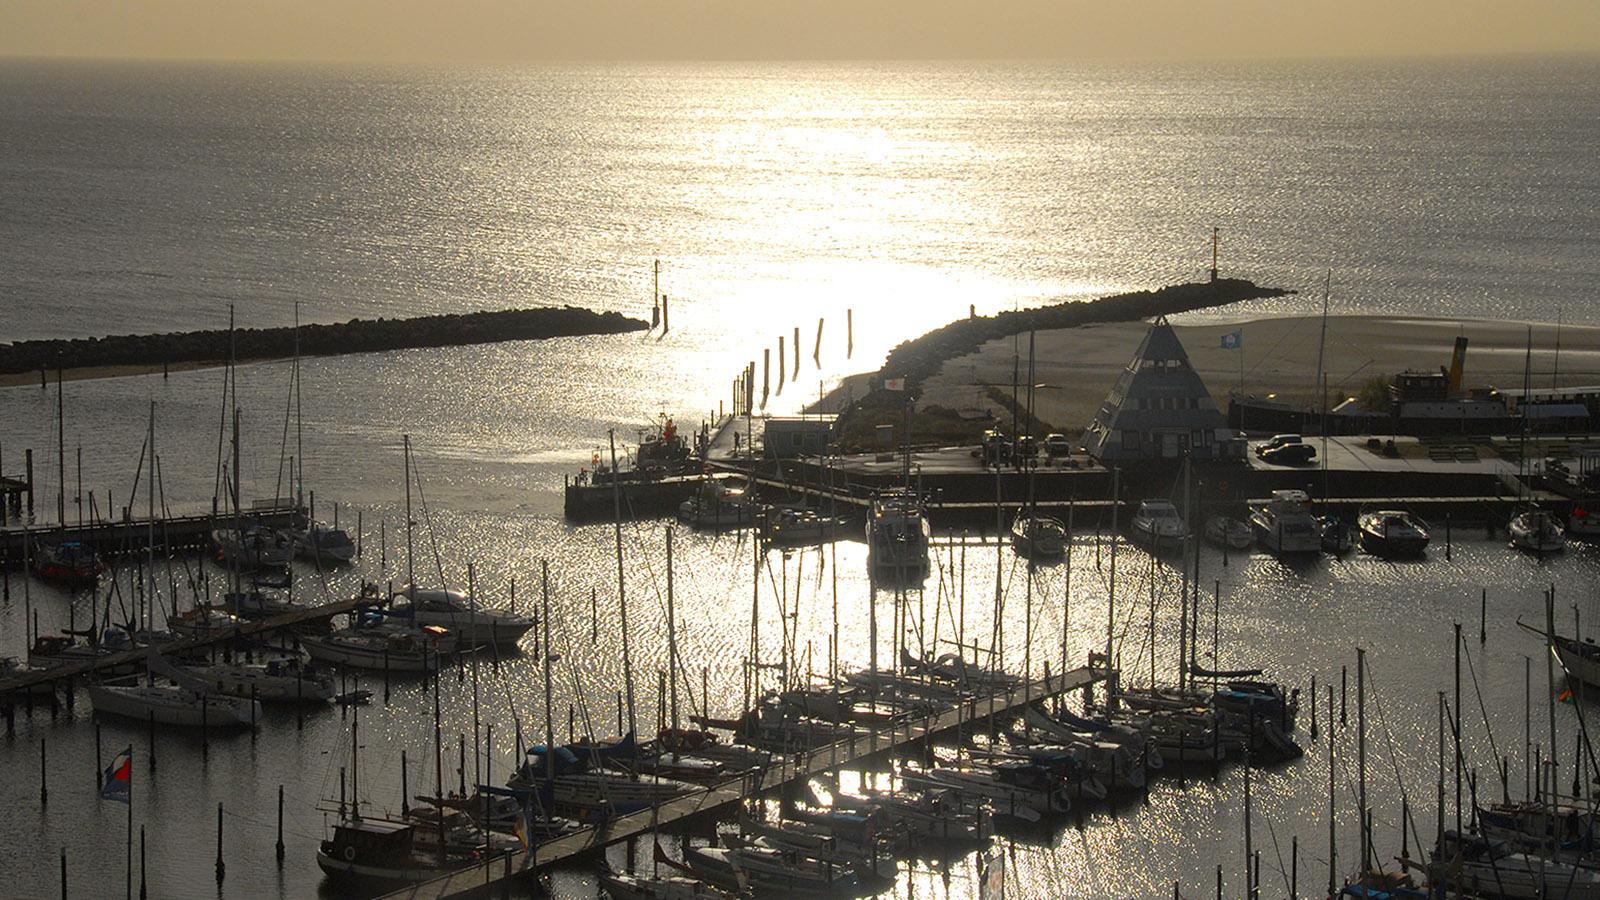 Das Ostseebad Damp am frühen Morgen. Foto; Hilke Maunder